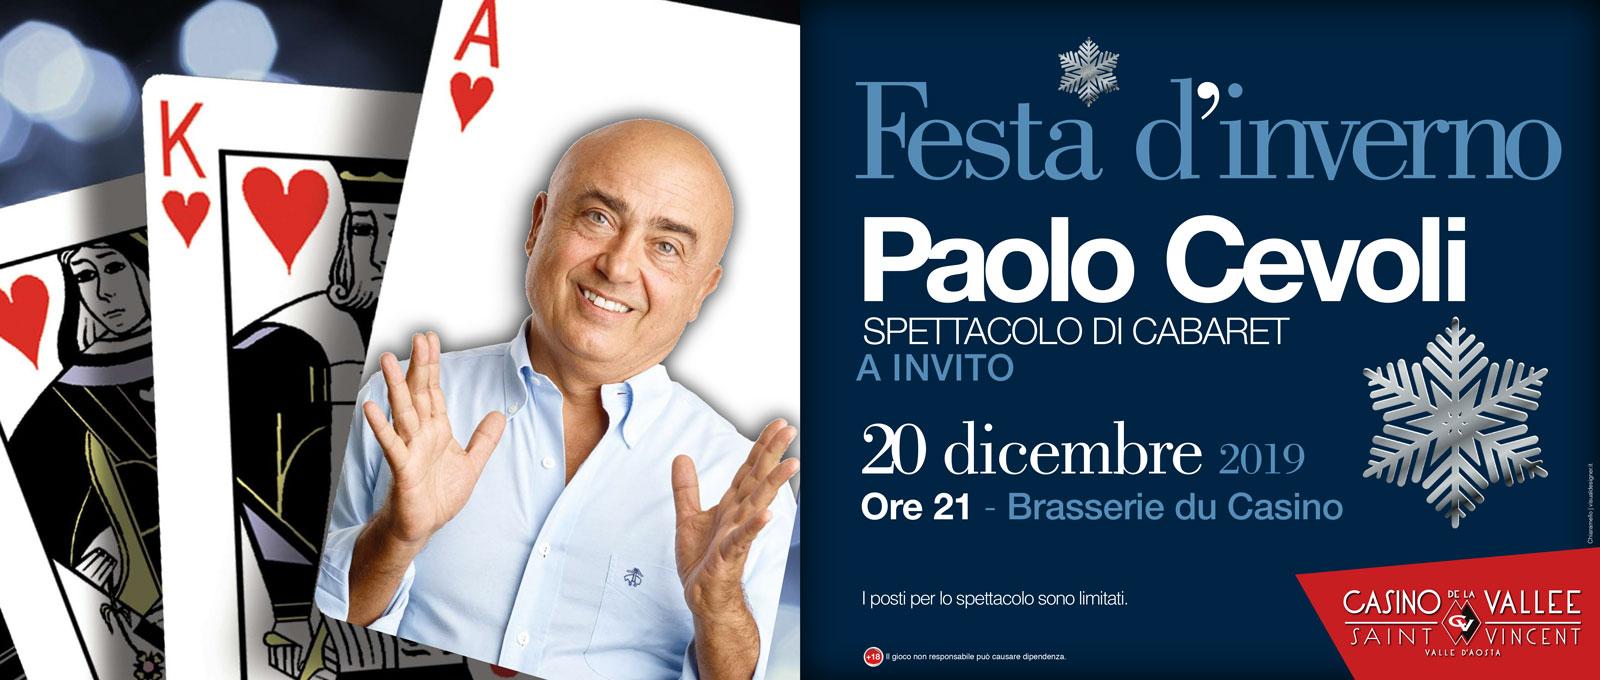 Festa d'inverno – Paolo Cevoli